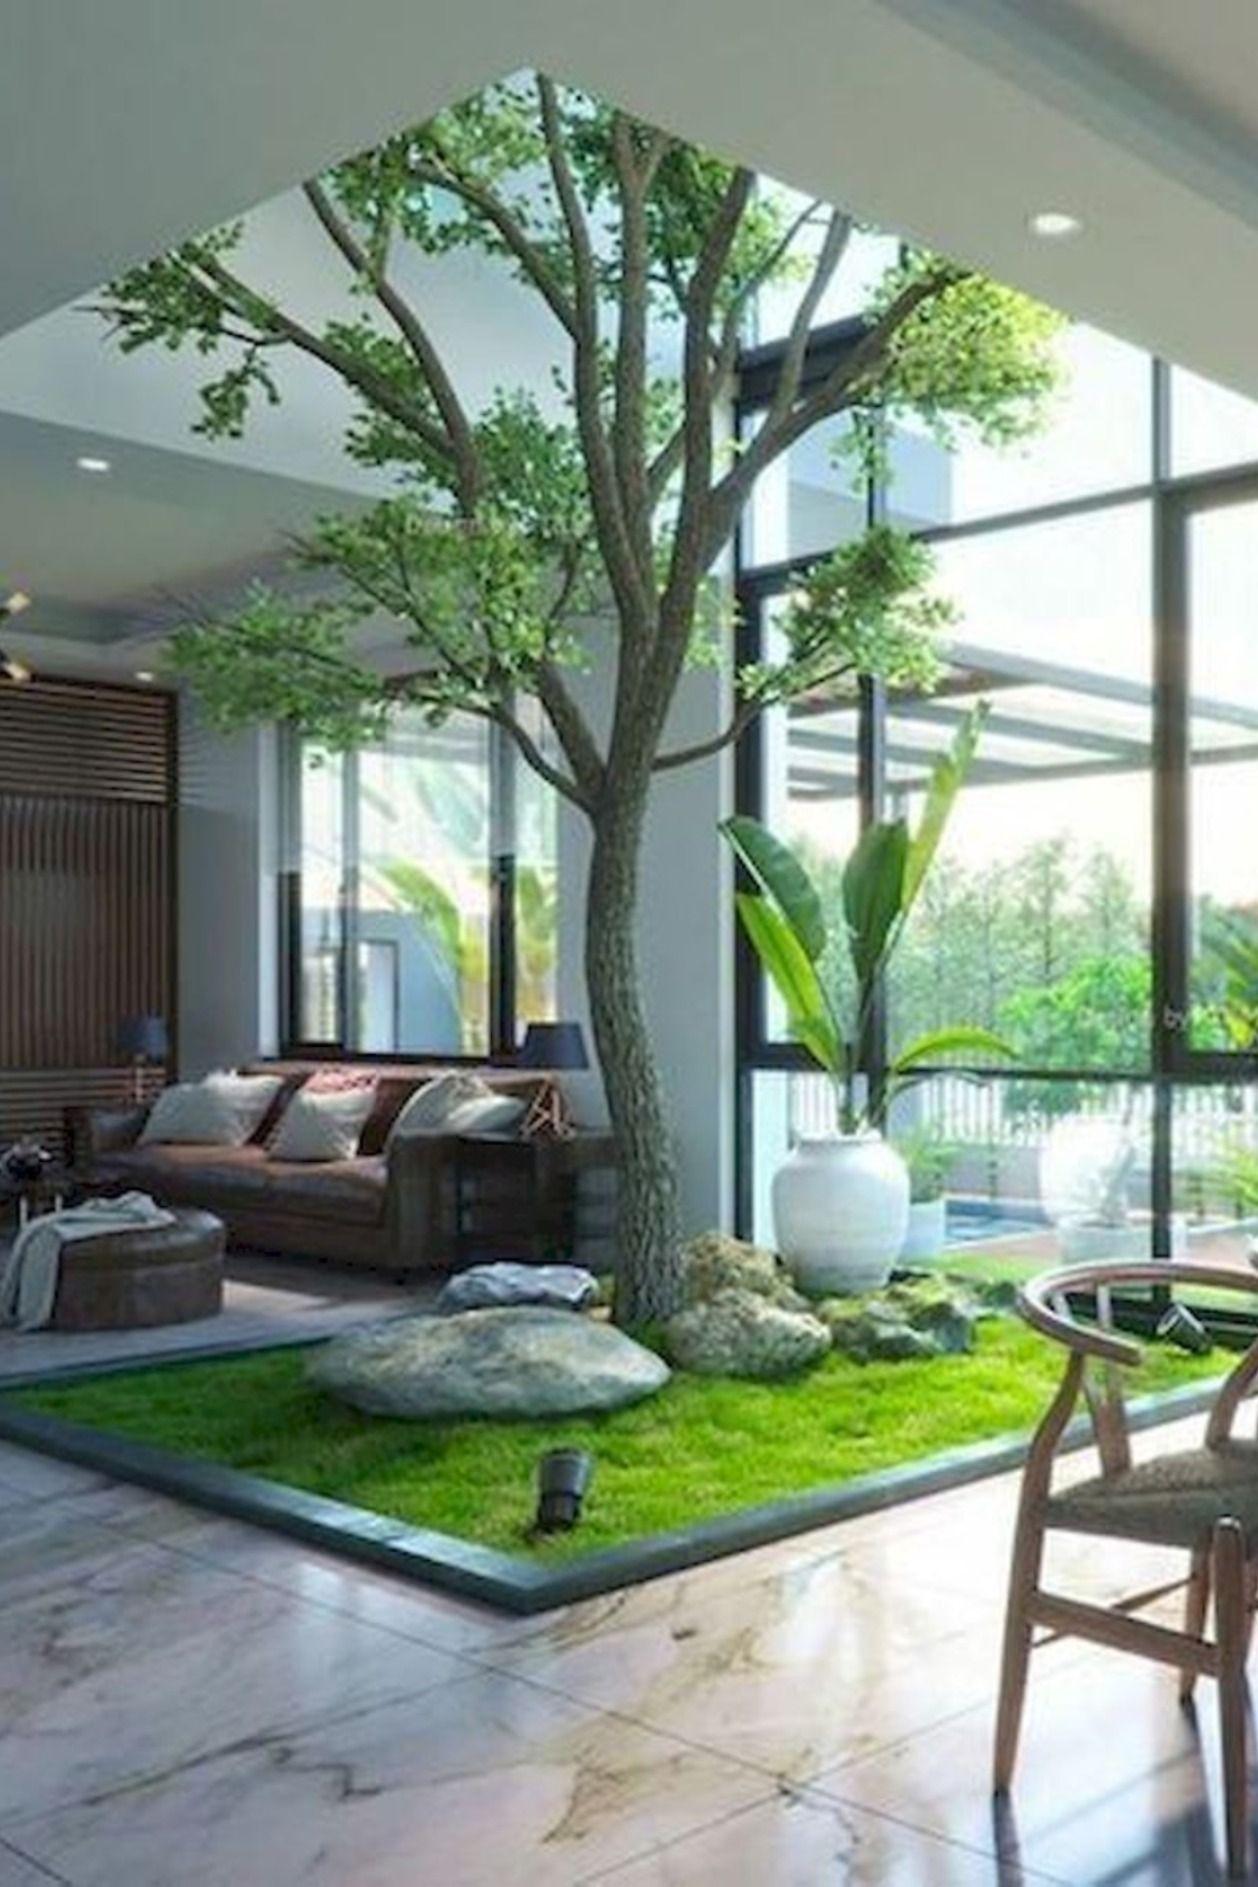 Pin By Rooftopgarden On Indoor Garden Designs In 2020 Interior Garden House Interior Modern House Design